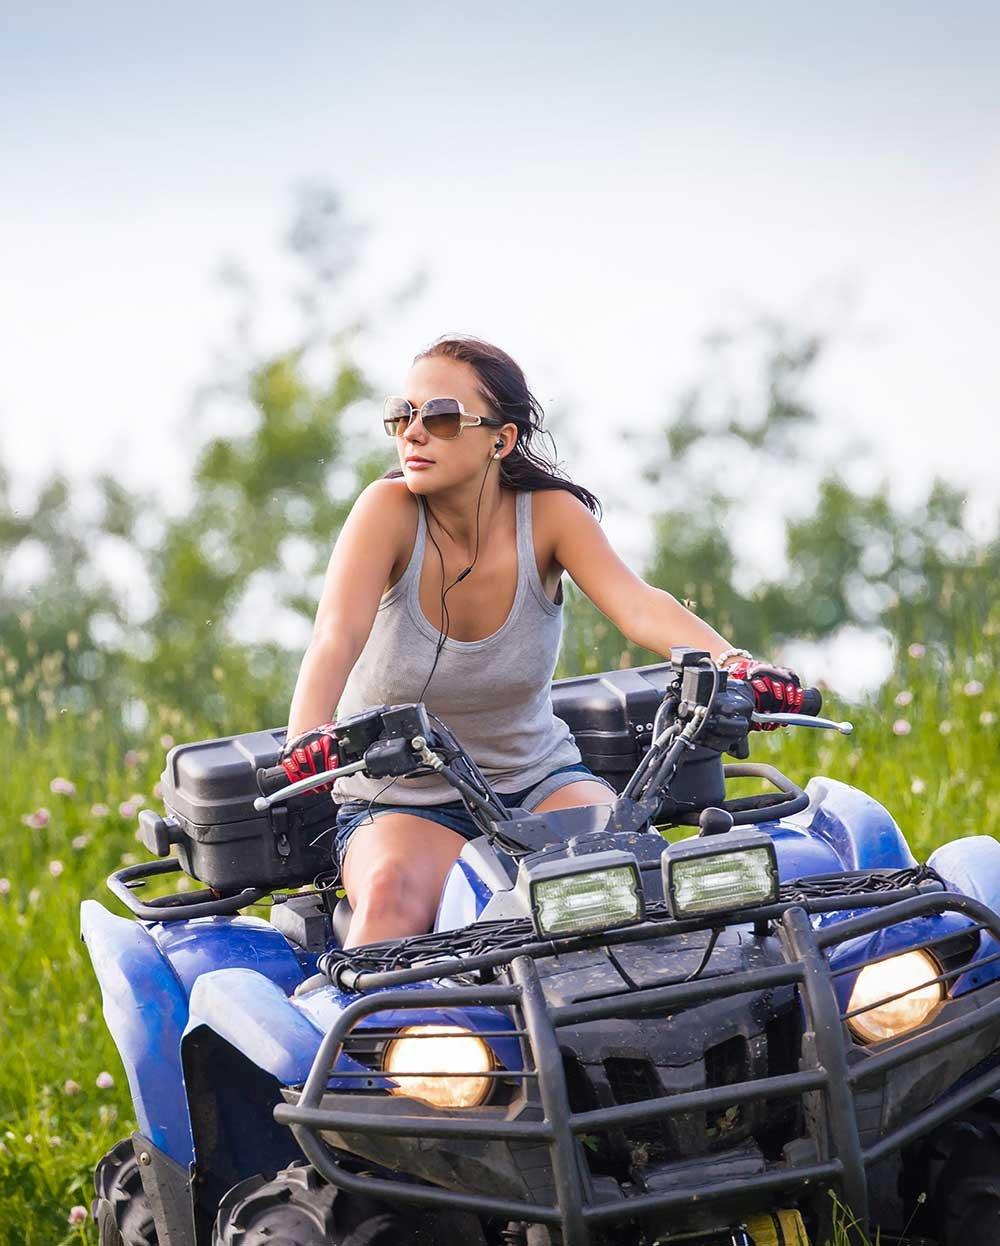 PrimeWay ATV Loan Features